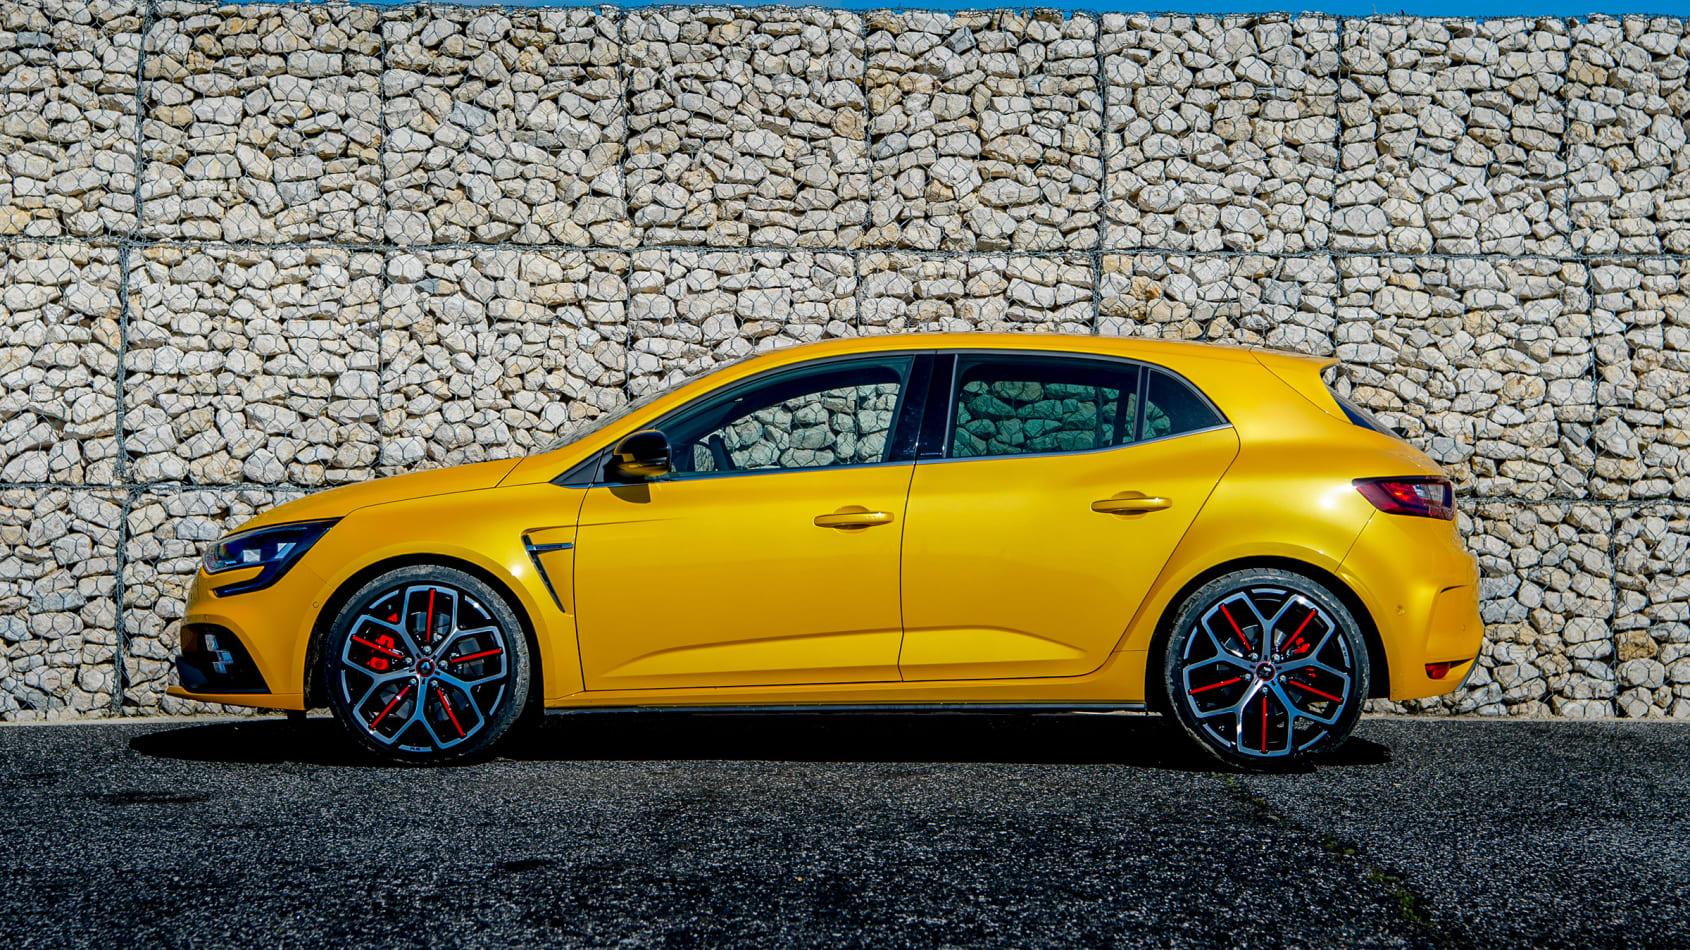 2017 - [Renault] Megane IV R.S. - Page 36 Renault_megane_r.s._300_trophy_estoril089